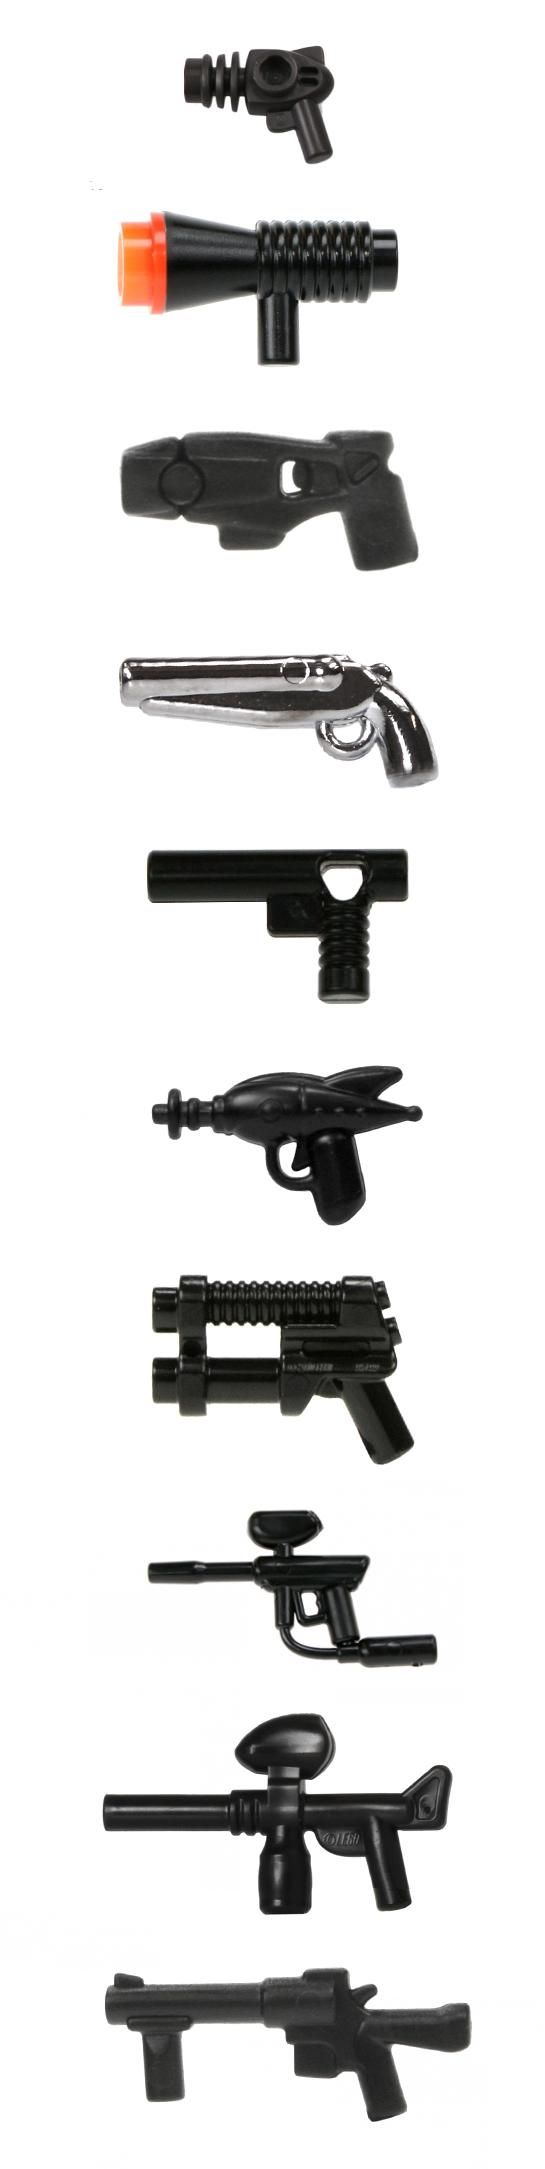 LEGO minifigure compatible miscellaneous guns